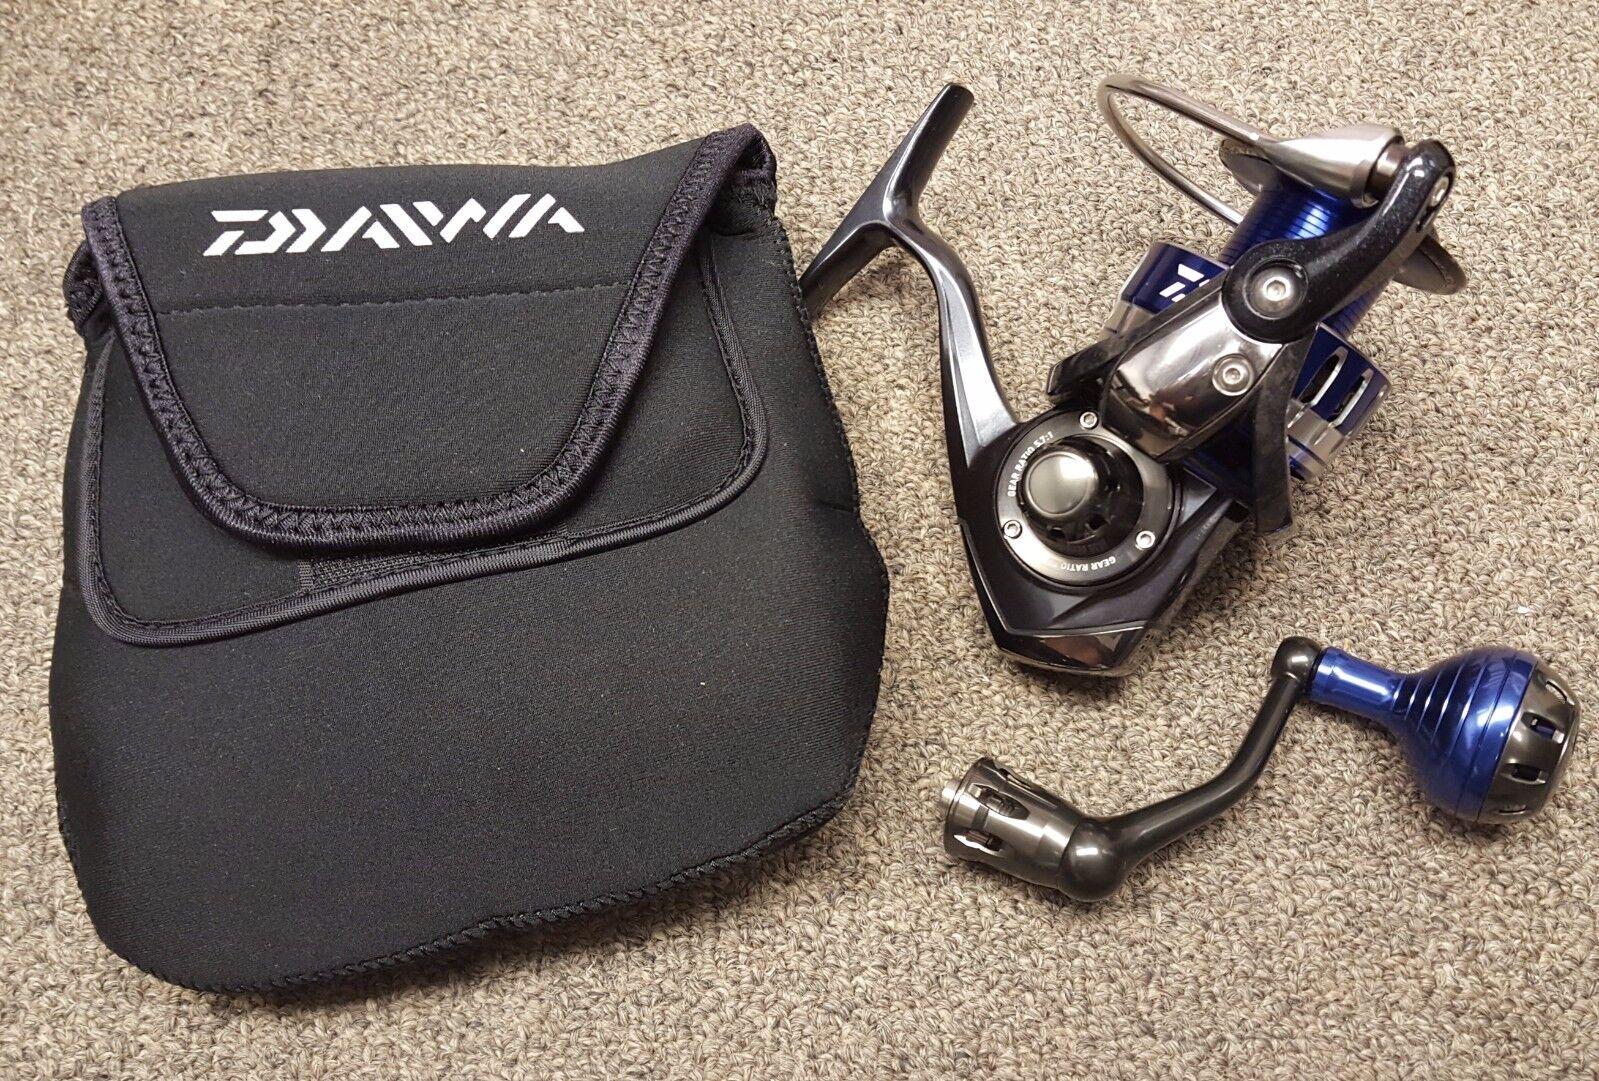 Daiwa Saltiga 4000H G 5.7:1 Left/Right Hand Spinning Fishing Reel - SALTIGA4000H